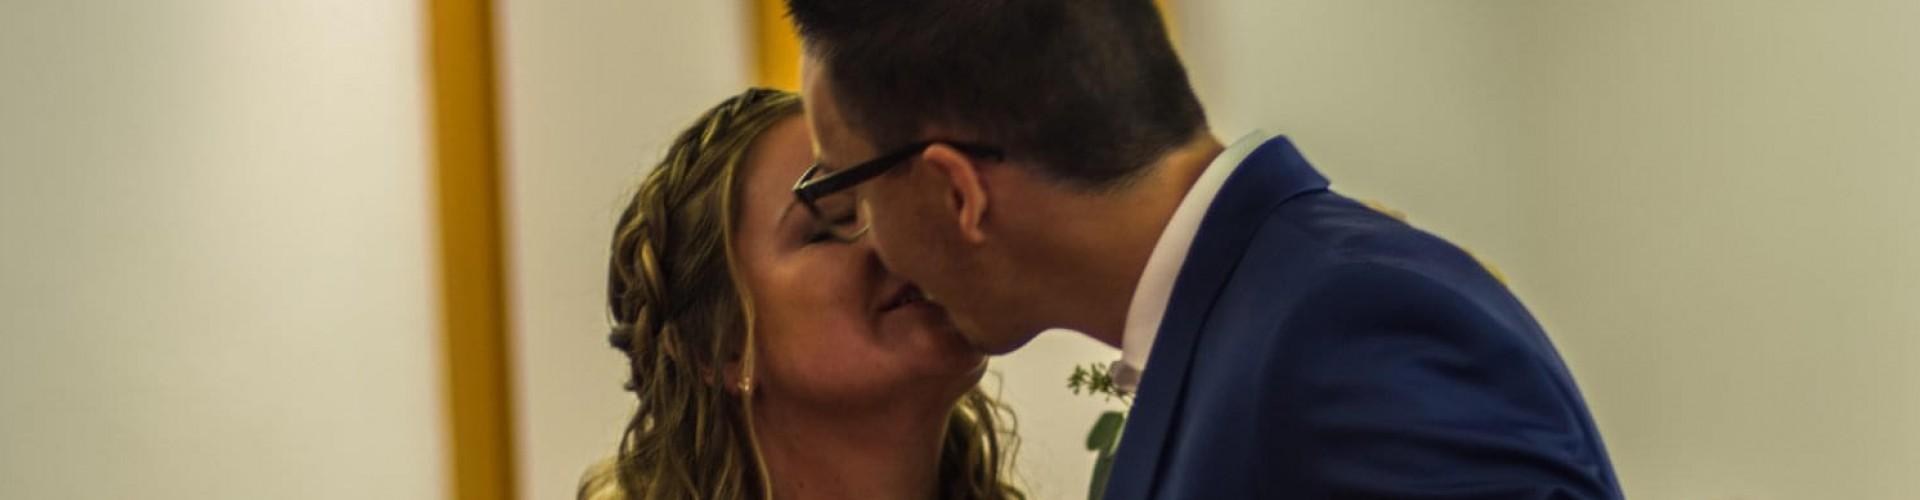 Hochzeit Sonja Amp Reini Familie Hirzinger Kirchberg In